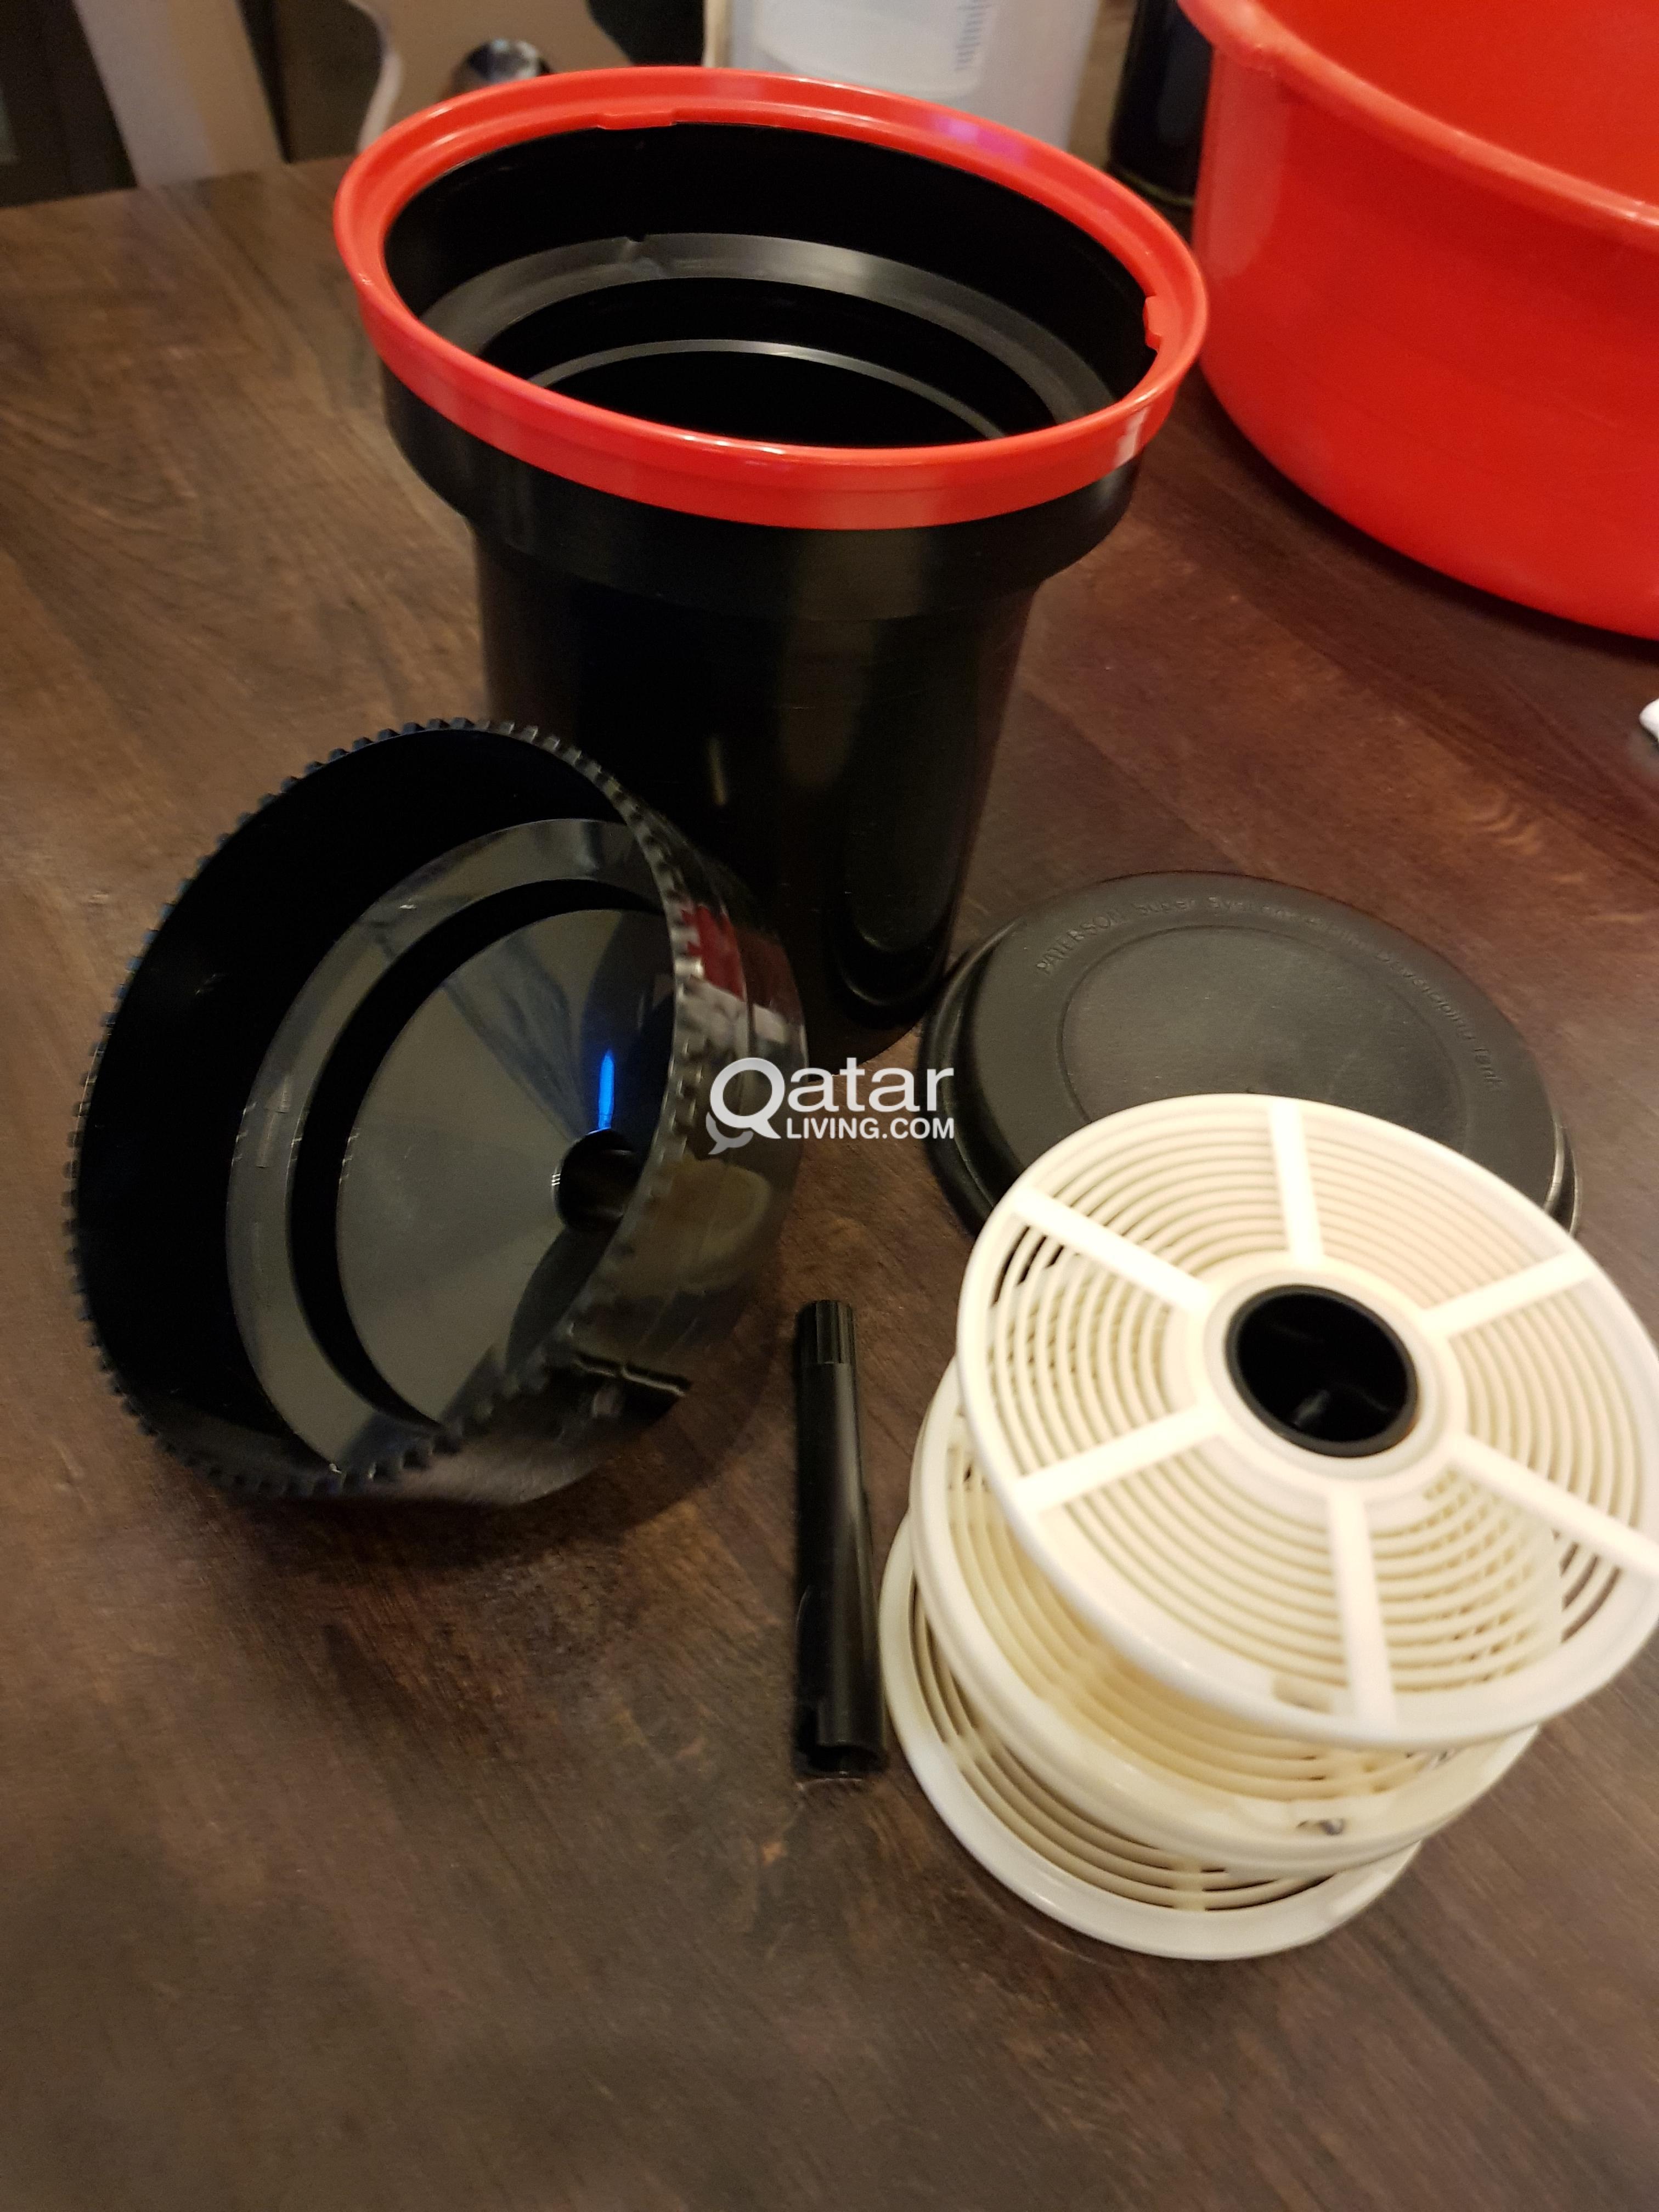 Full Film Darkroom Enlarger, lenses, chemicals, etc  | Qatar